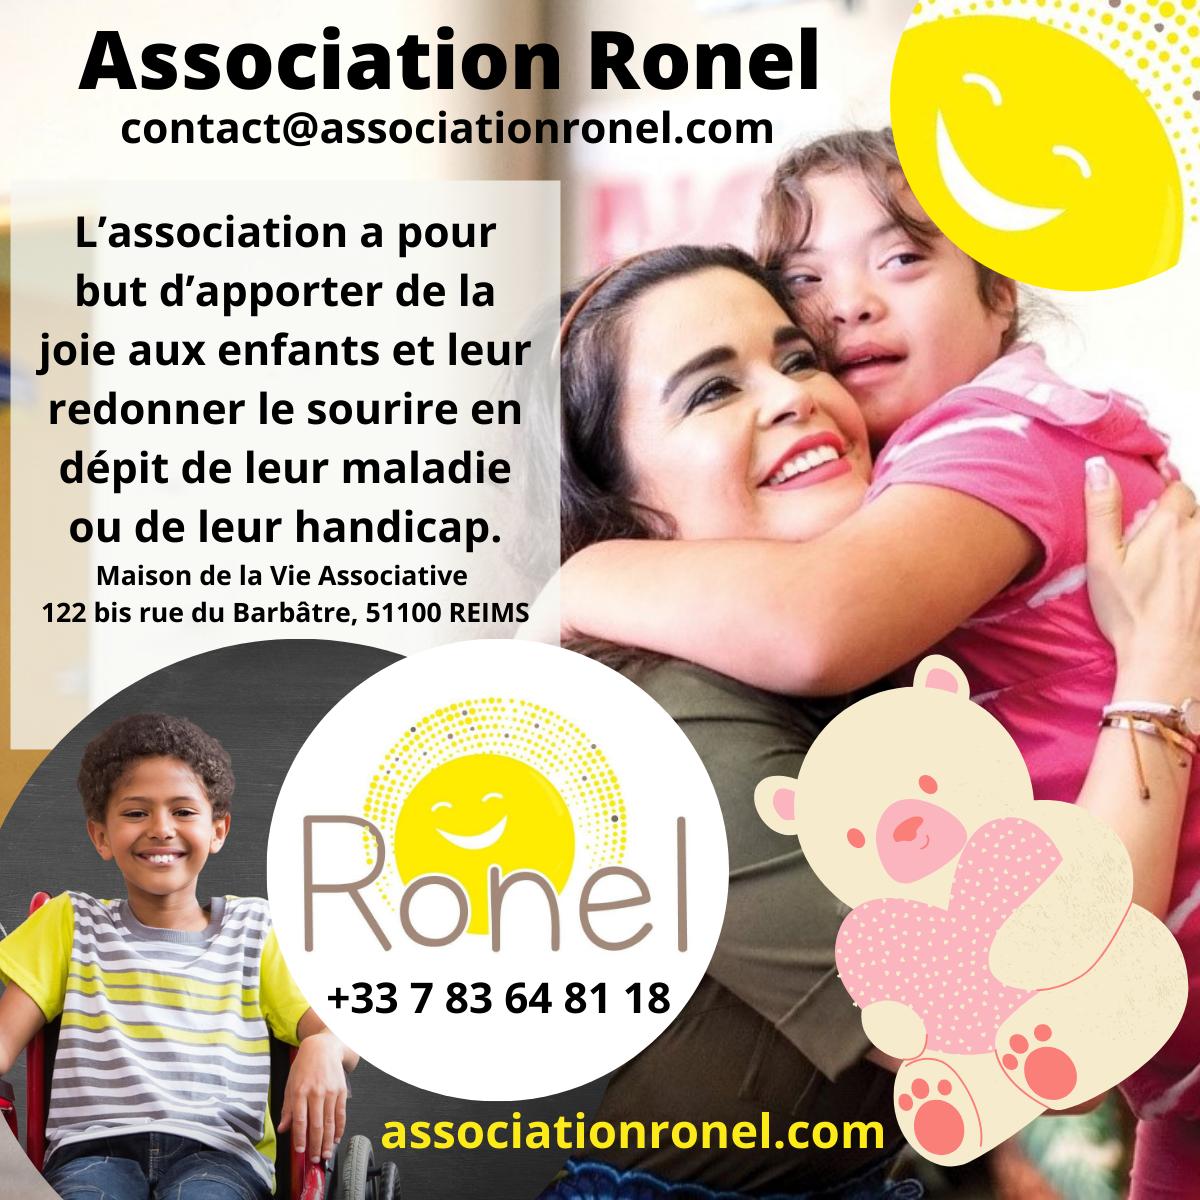 Association Ronel  contact@associati onel.com                L'association a pour but d'apporter de la joie aux enfants et leur redonner le sourire en dépit de leur maladie ou de leur handicap.  Maison de la Vie Associative 122 bis rue du Barbâtre, 51100 REIMS  Rone|  +33 7 83 64 81 18